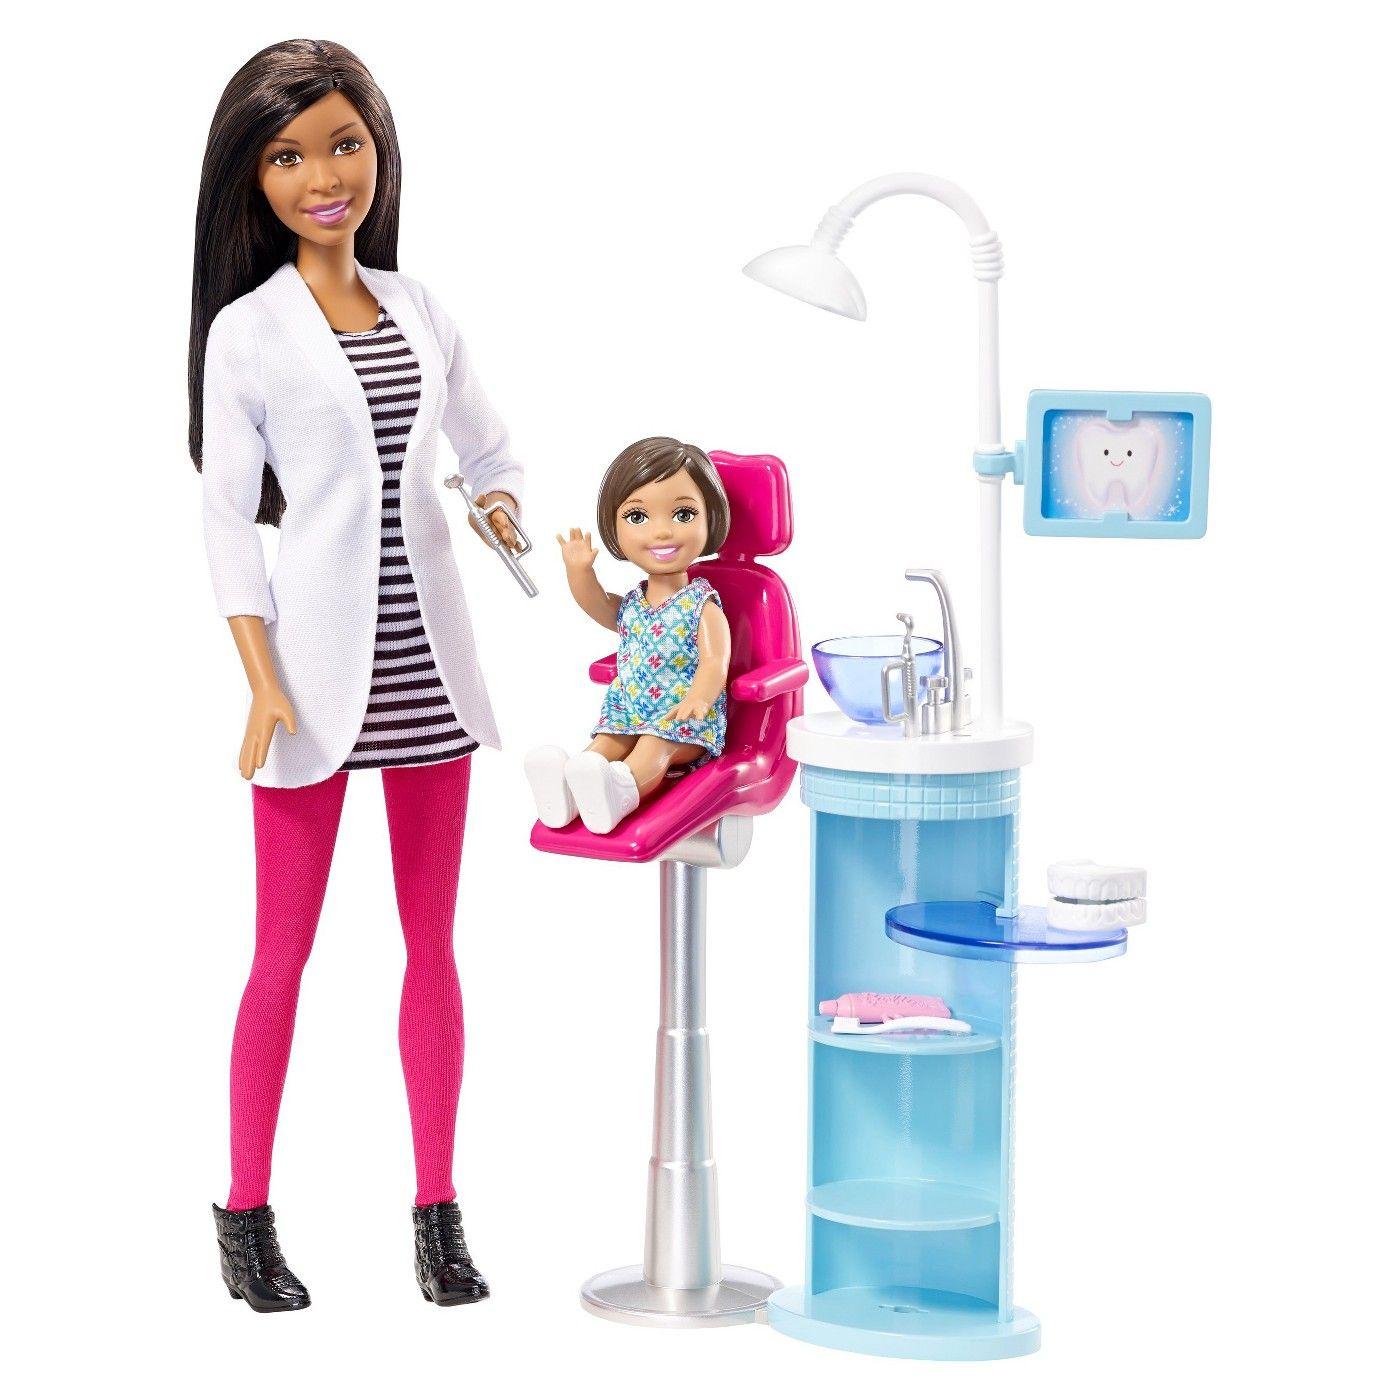 Barbie® Careers Dentist AfricanAmerican Doll & Playset